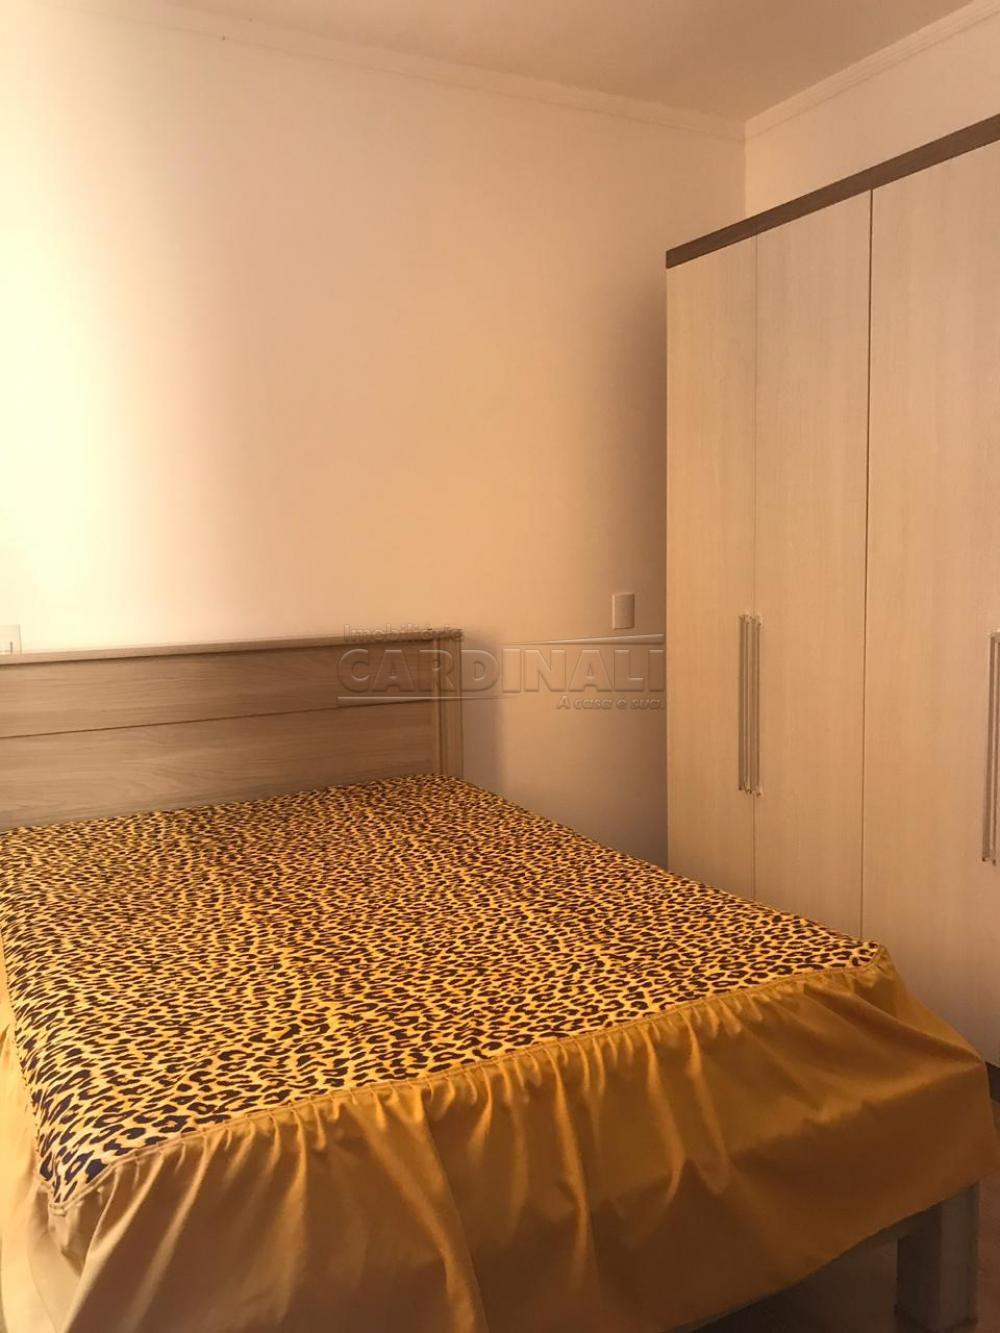 Comprar Casa / Padrão em São Carlos R$ 500.000,00 - Foto 15